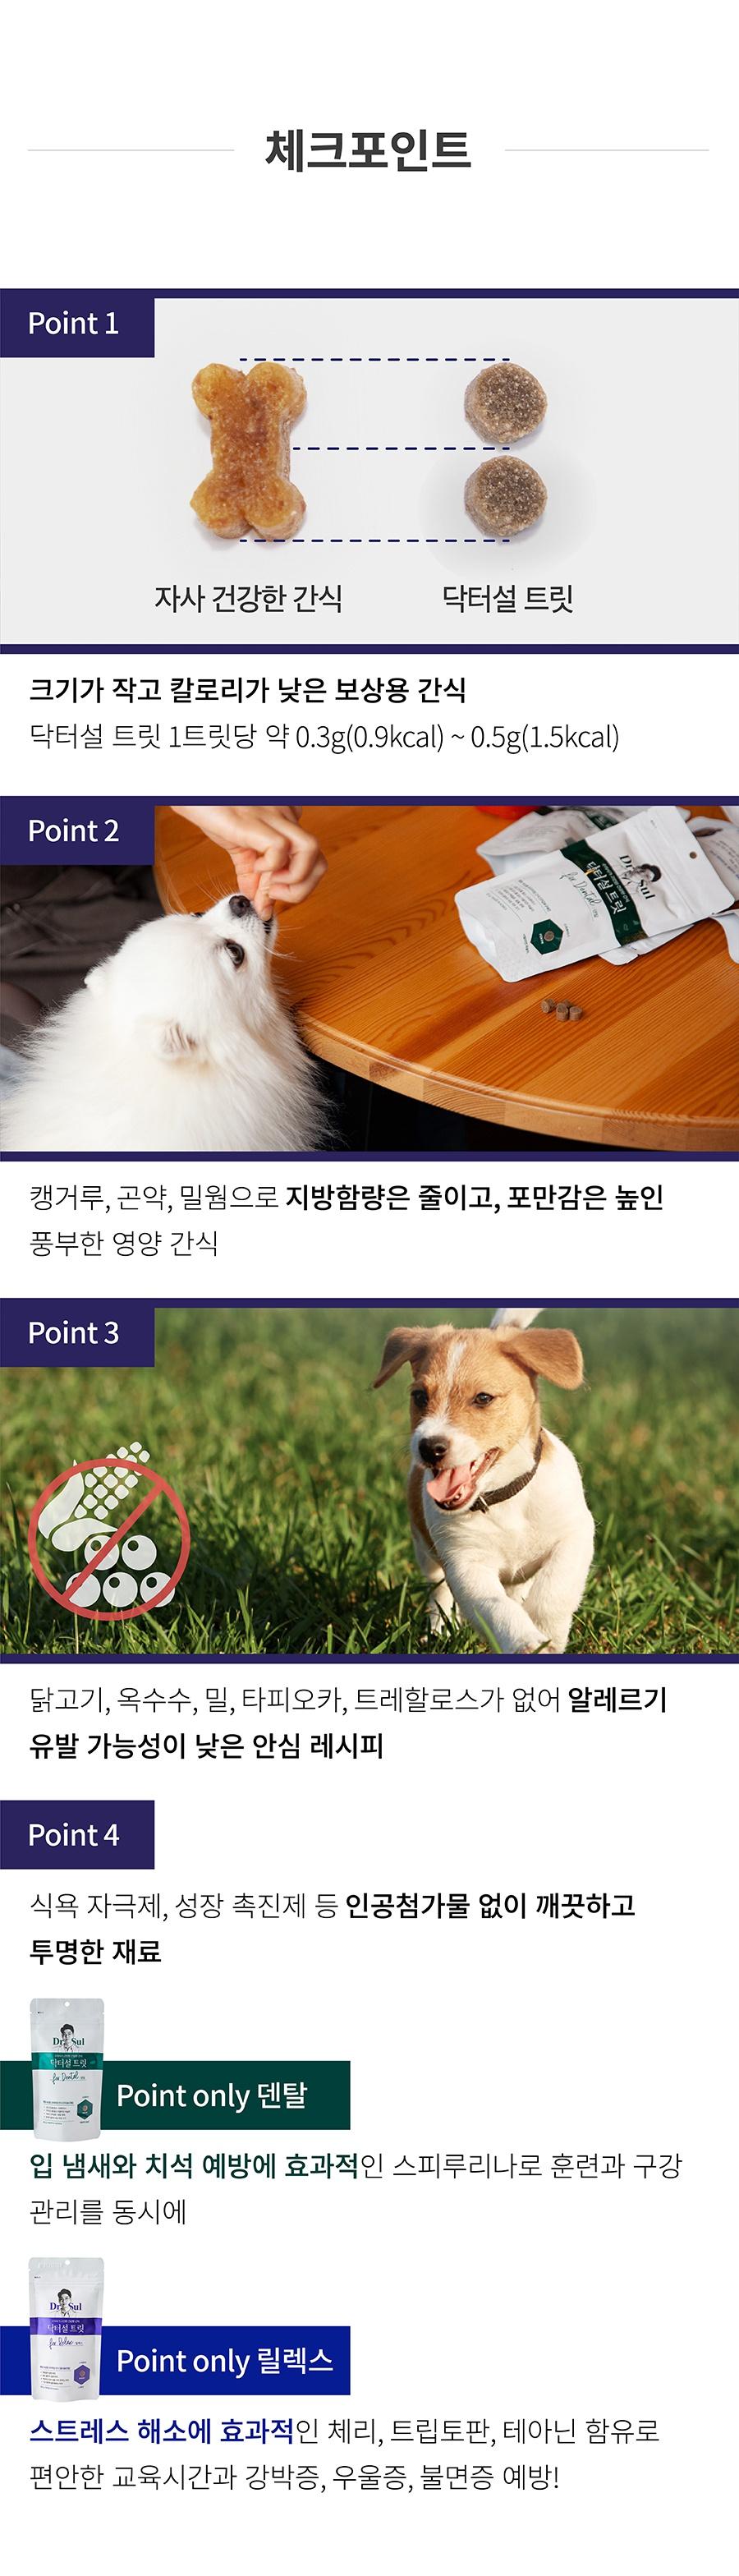 닥터설 트릿 모음전-상품이미지-8